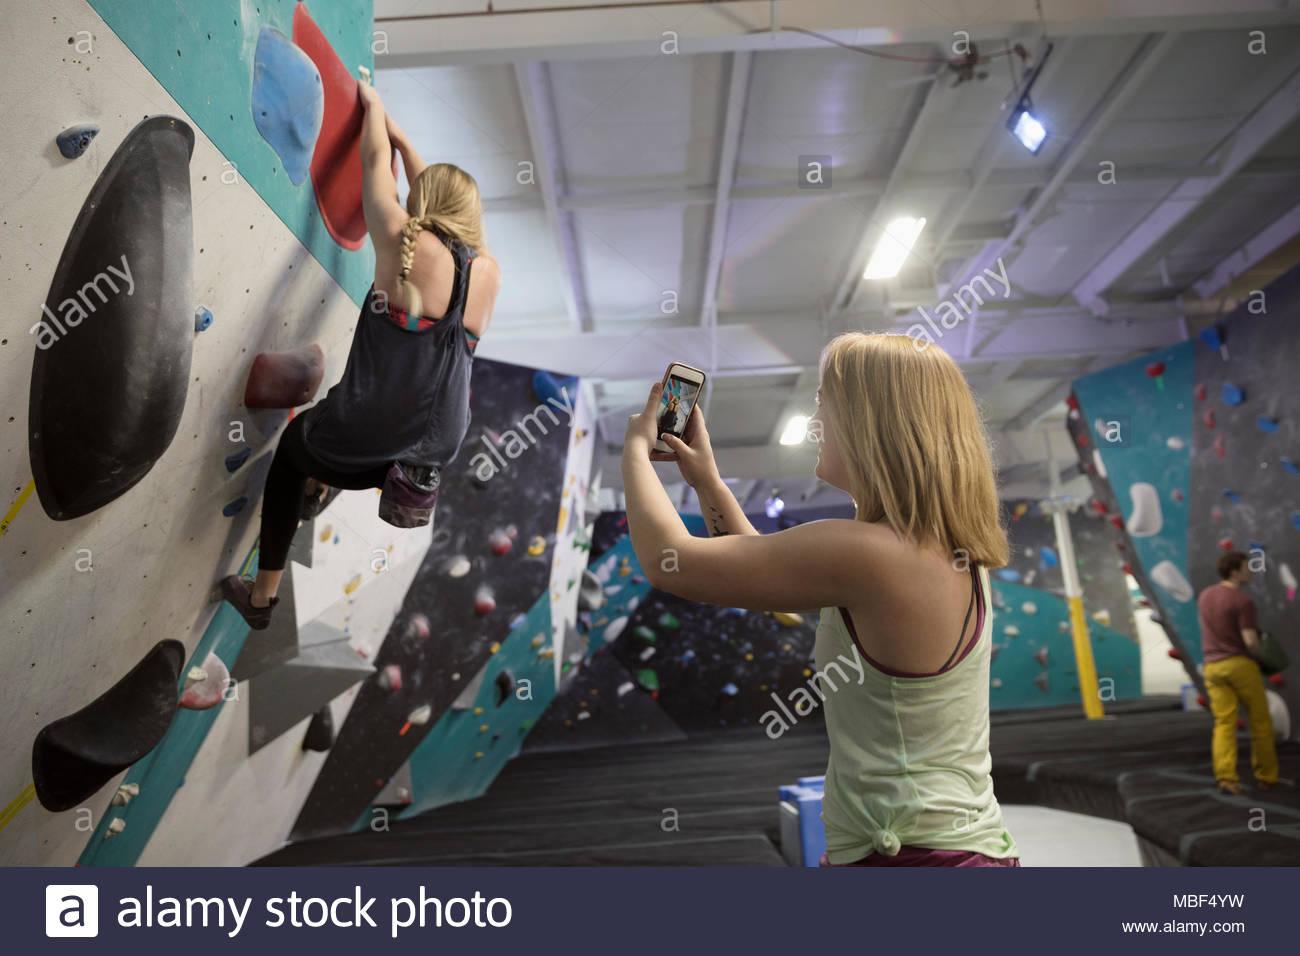 Escalador hembra con cámara teléfono partner videoing muro de escalada en el gimnasio de escalada Imagen De Stock